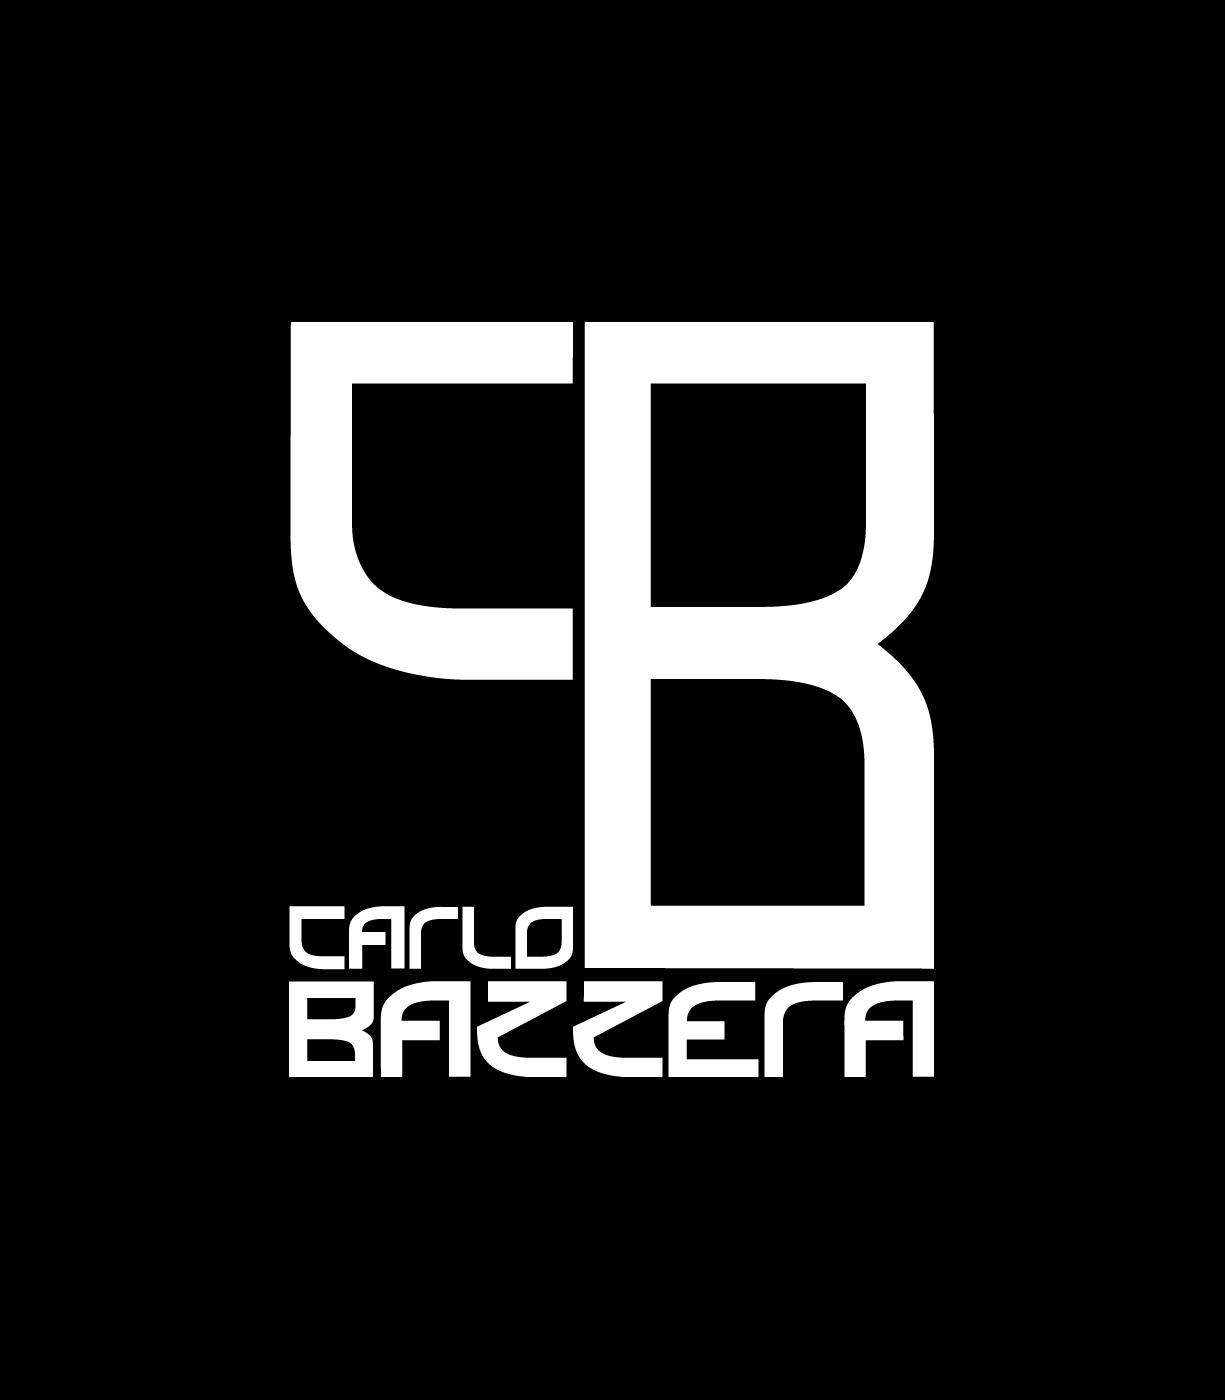 CarloBazzera